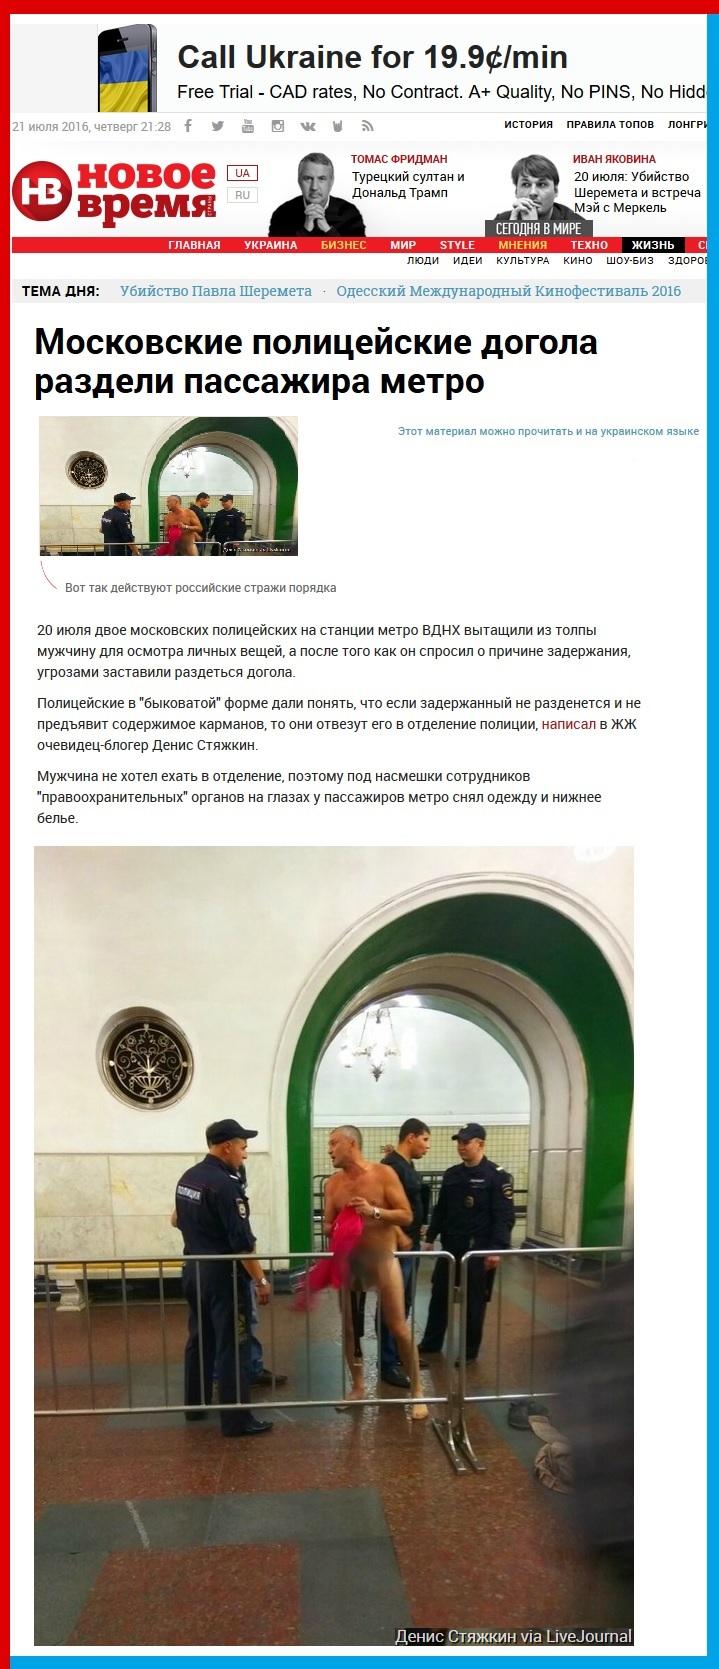 Полиция, беспредел, Москва, грузинско-украинский диссидент